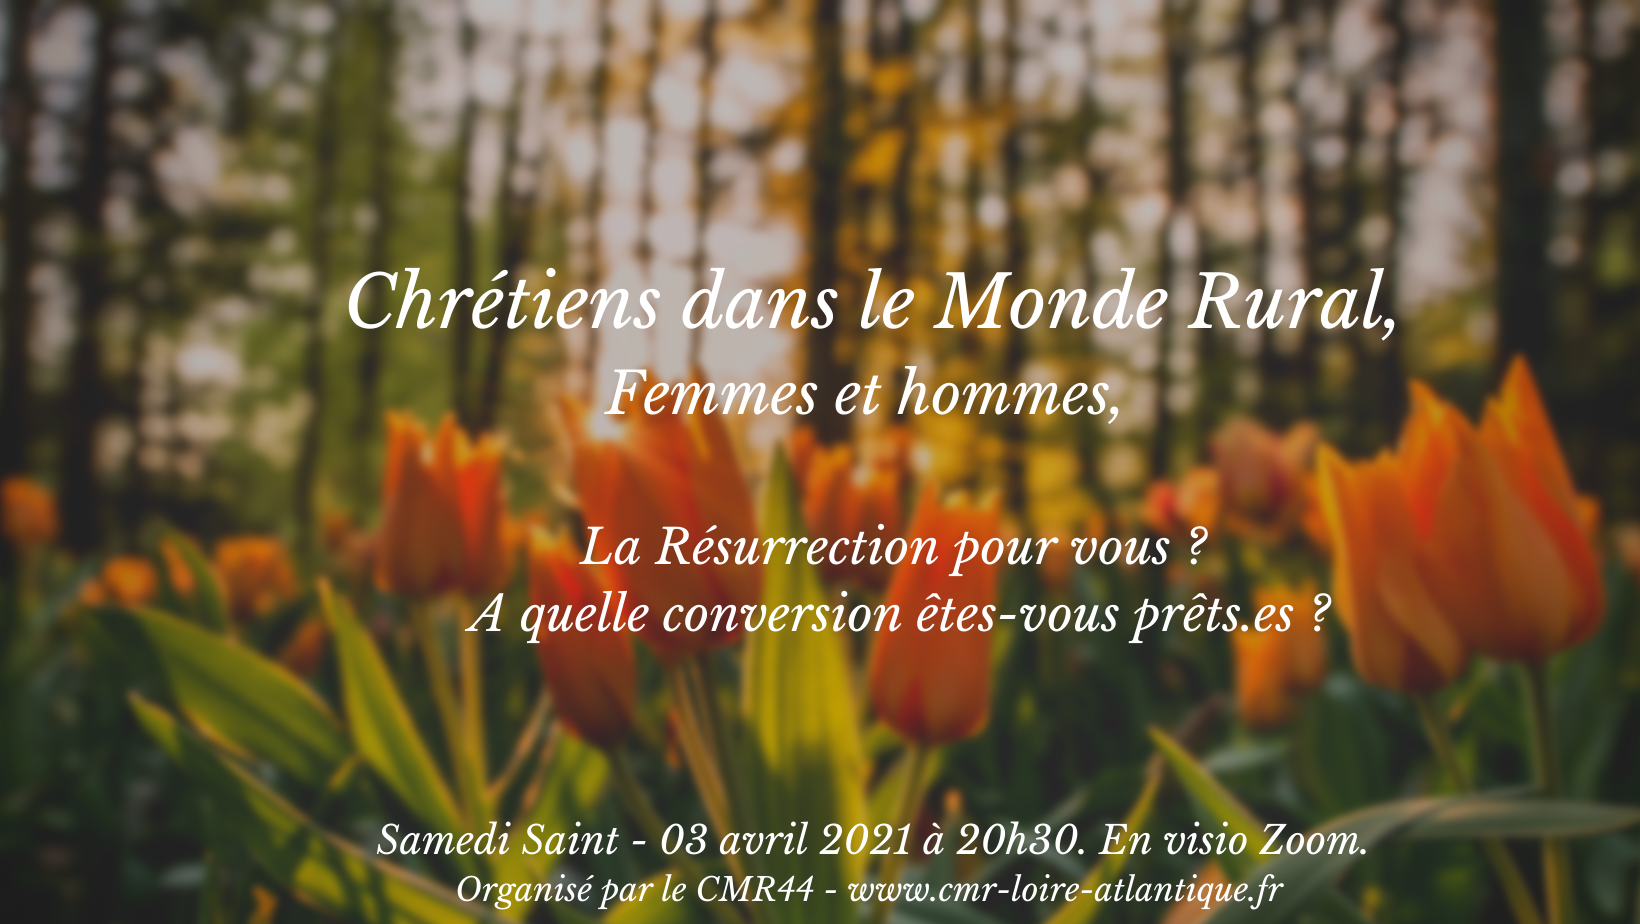 Samedi saint 03042021 cmr44